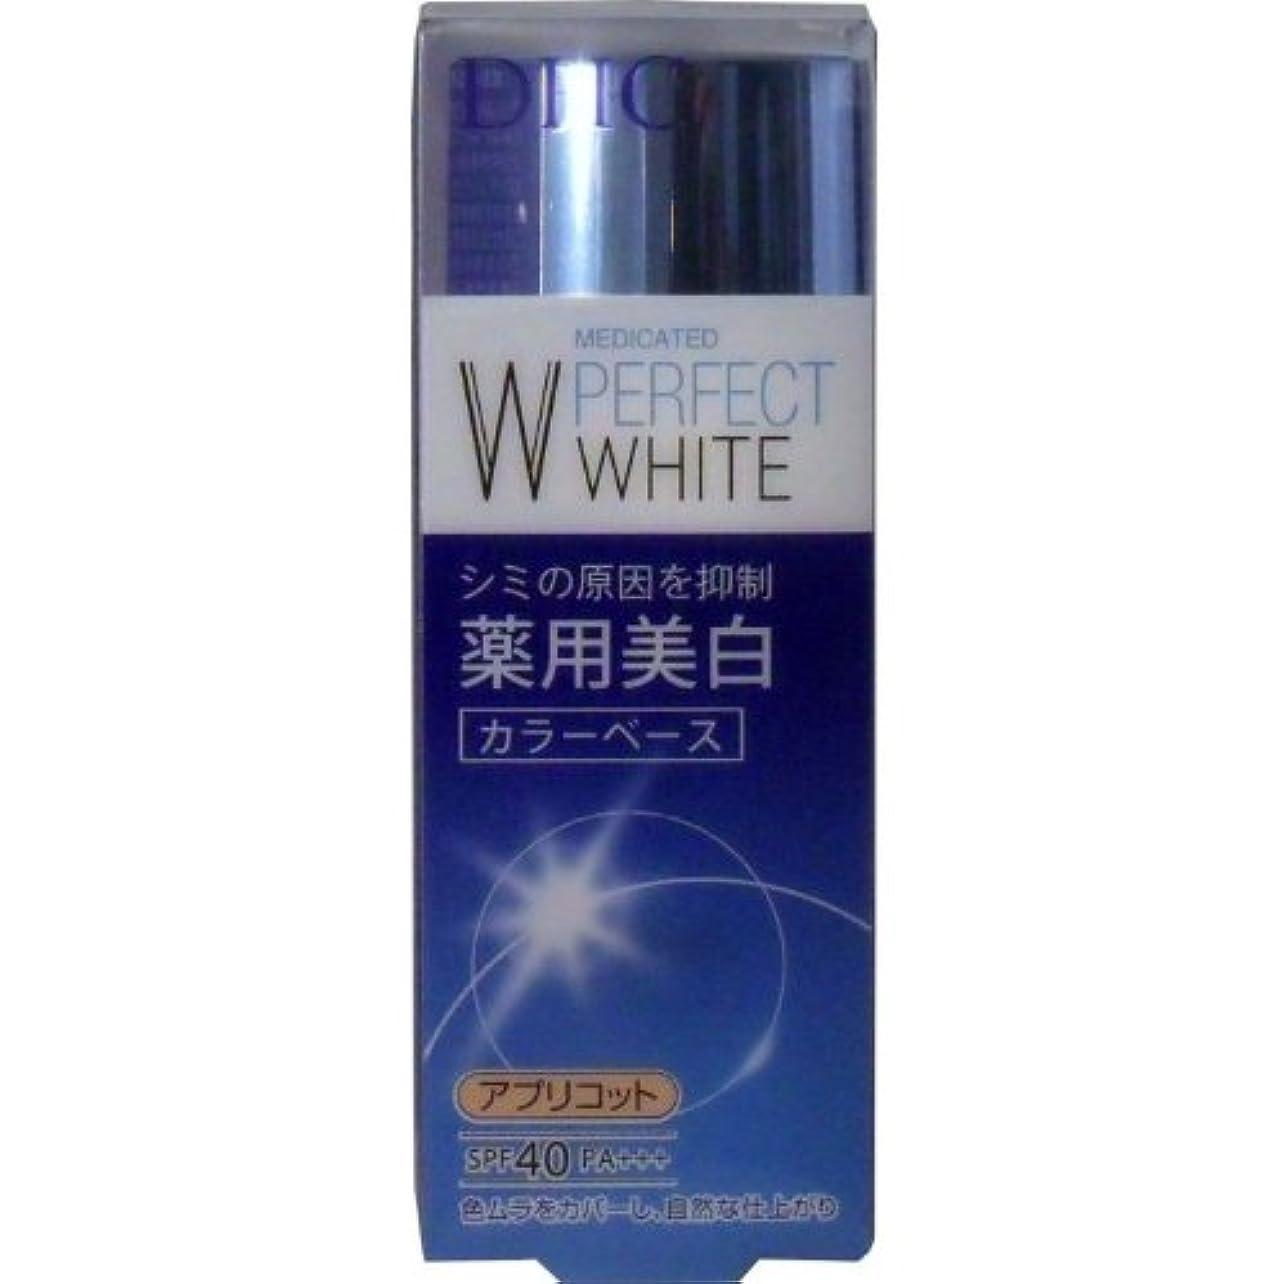 おばあさんアピール通知するDHC 薬用美白パーフェクトホワイト カラーベース アプリコット 30g